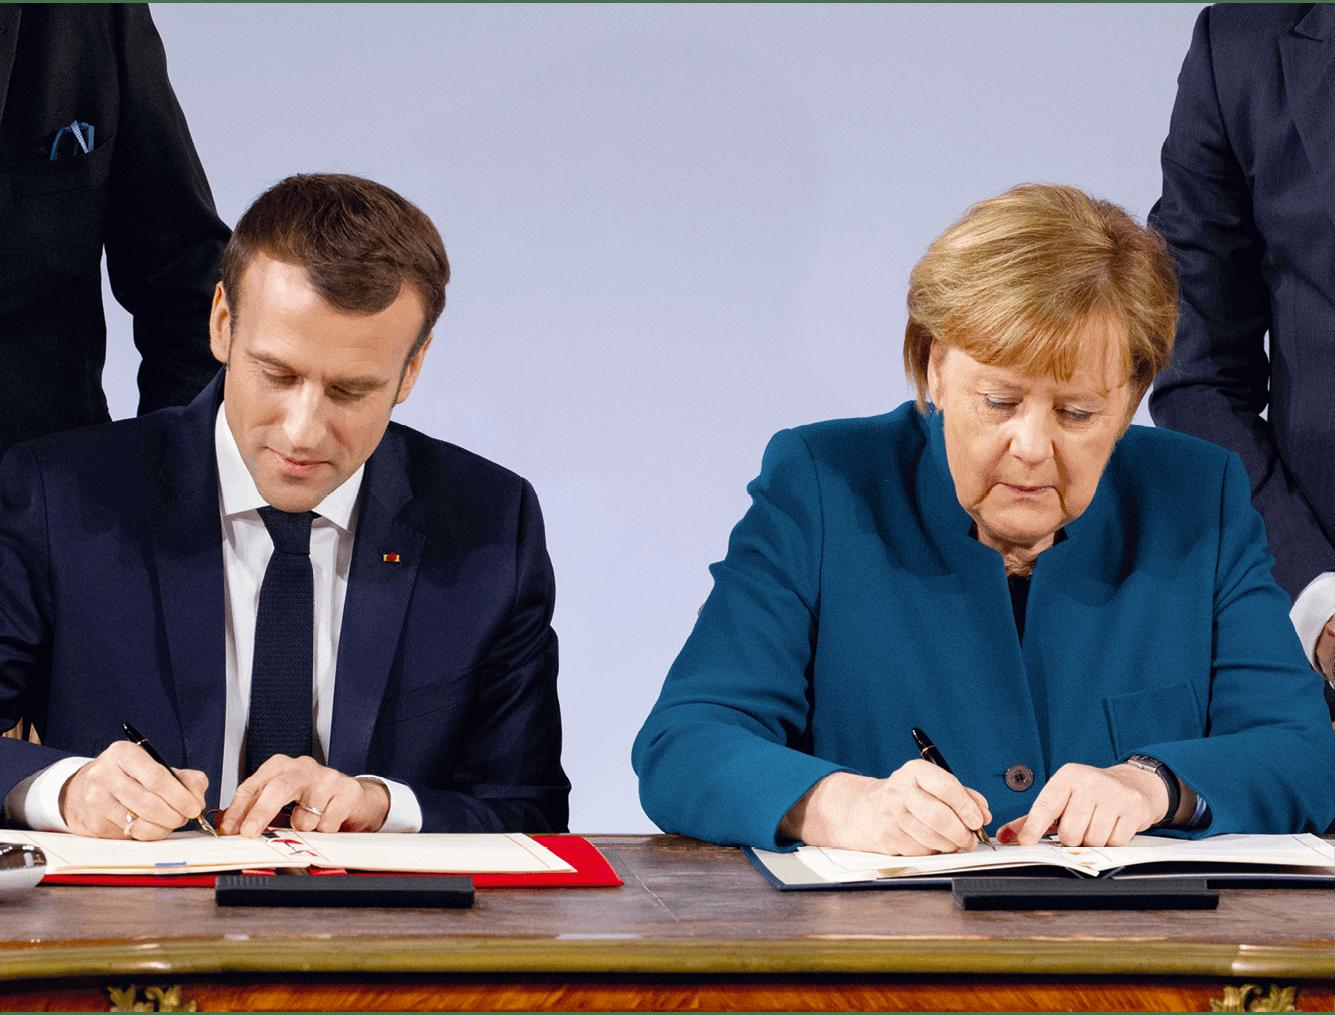 Photographie d'Emmanuel Macron et Angela Merkel lors de la signature du traité d'Aix-la-Chapelle